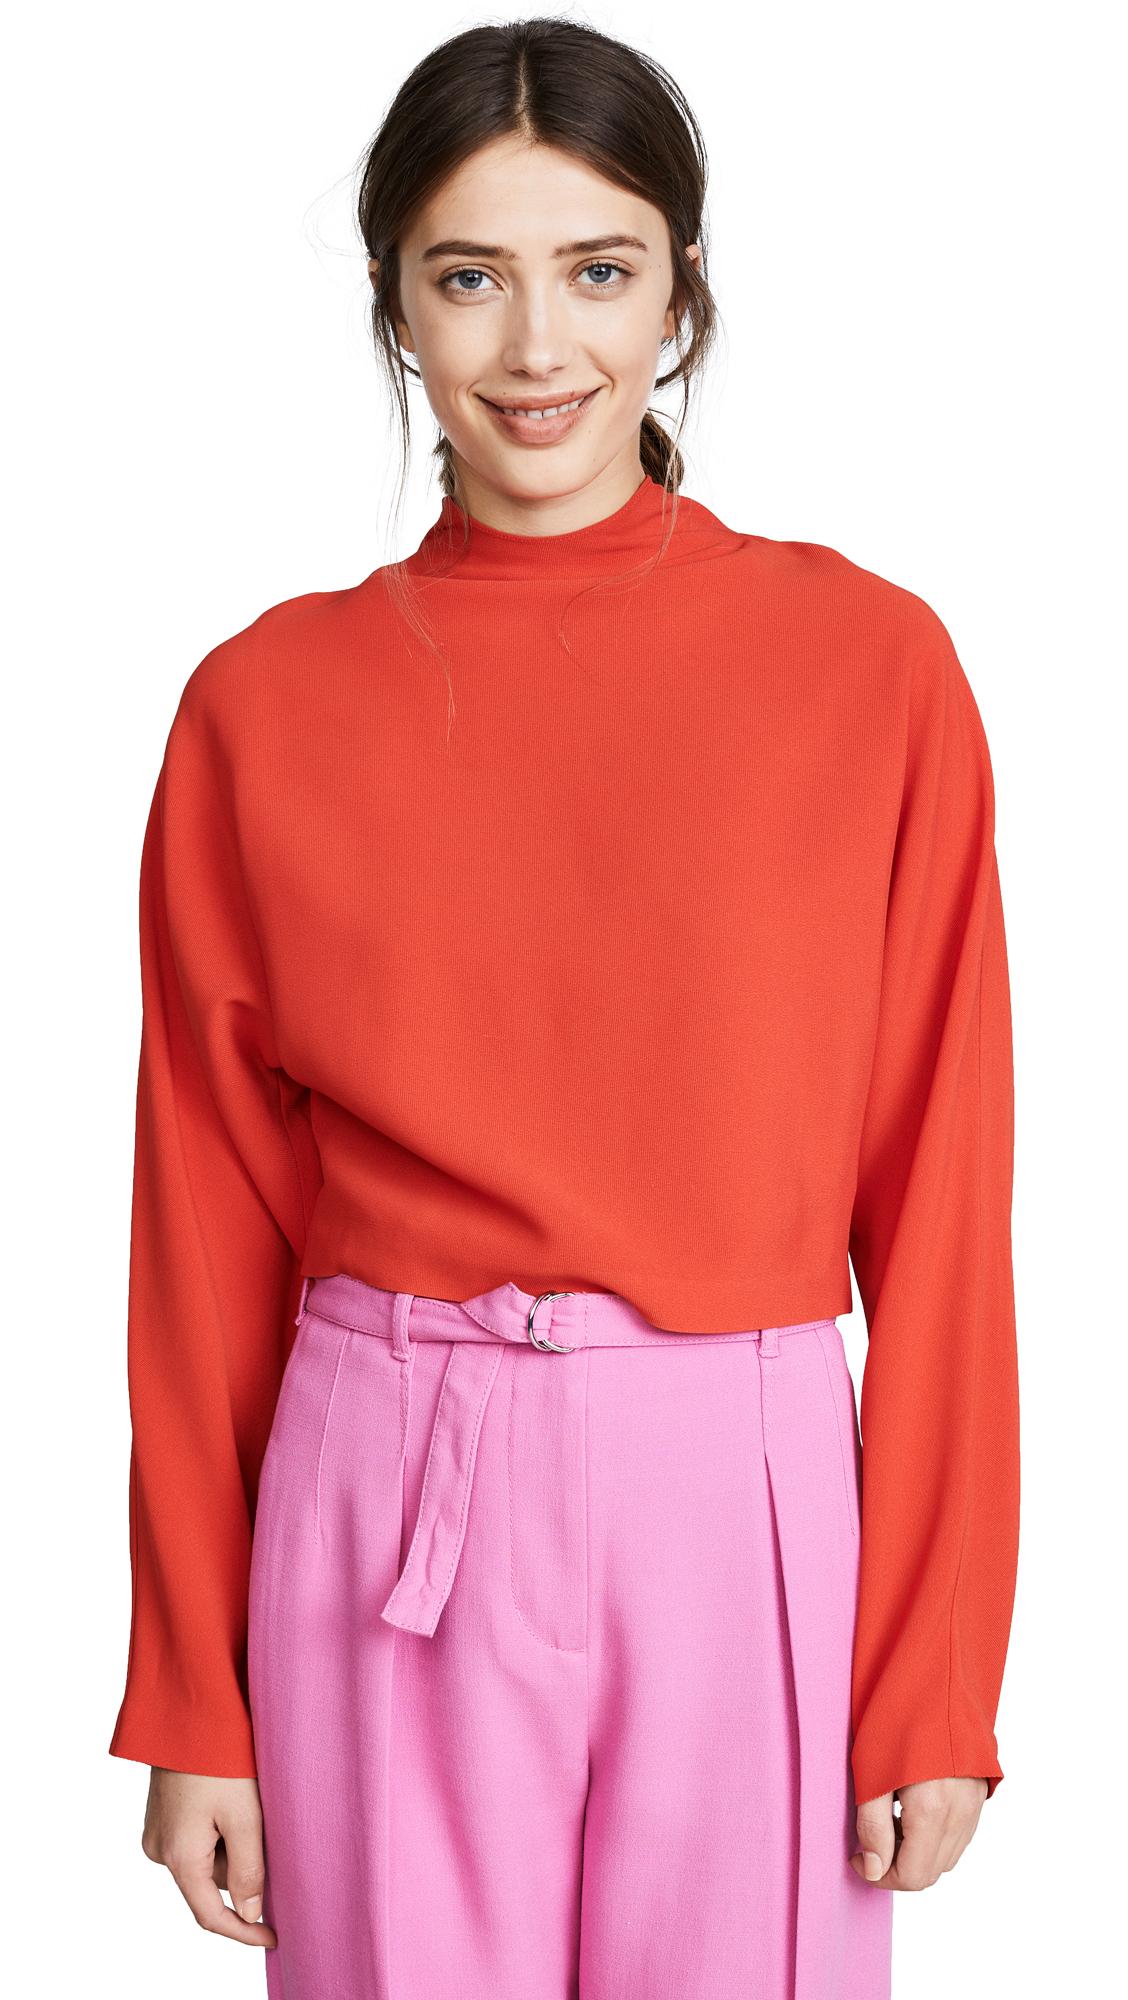 Diane von Furstenberg Raglan High Neck Blouse - Bright Red